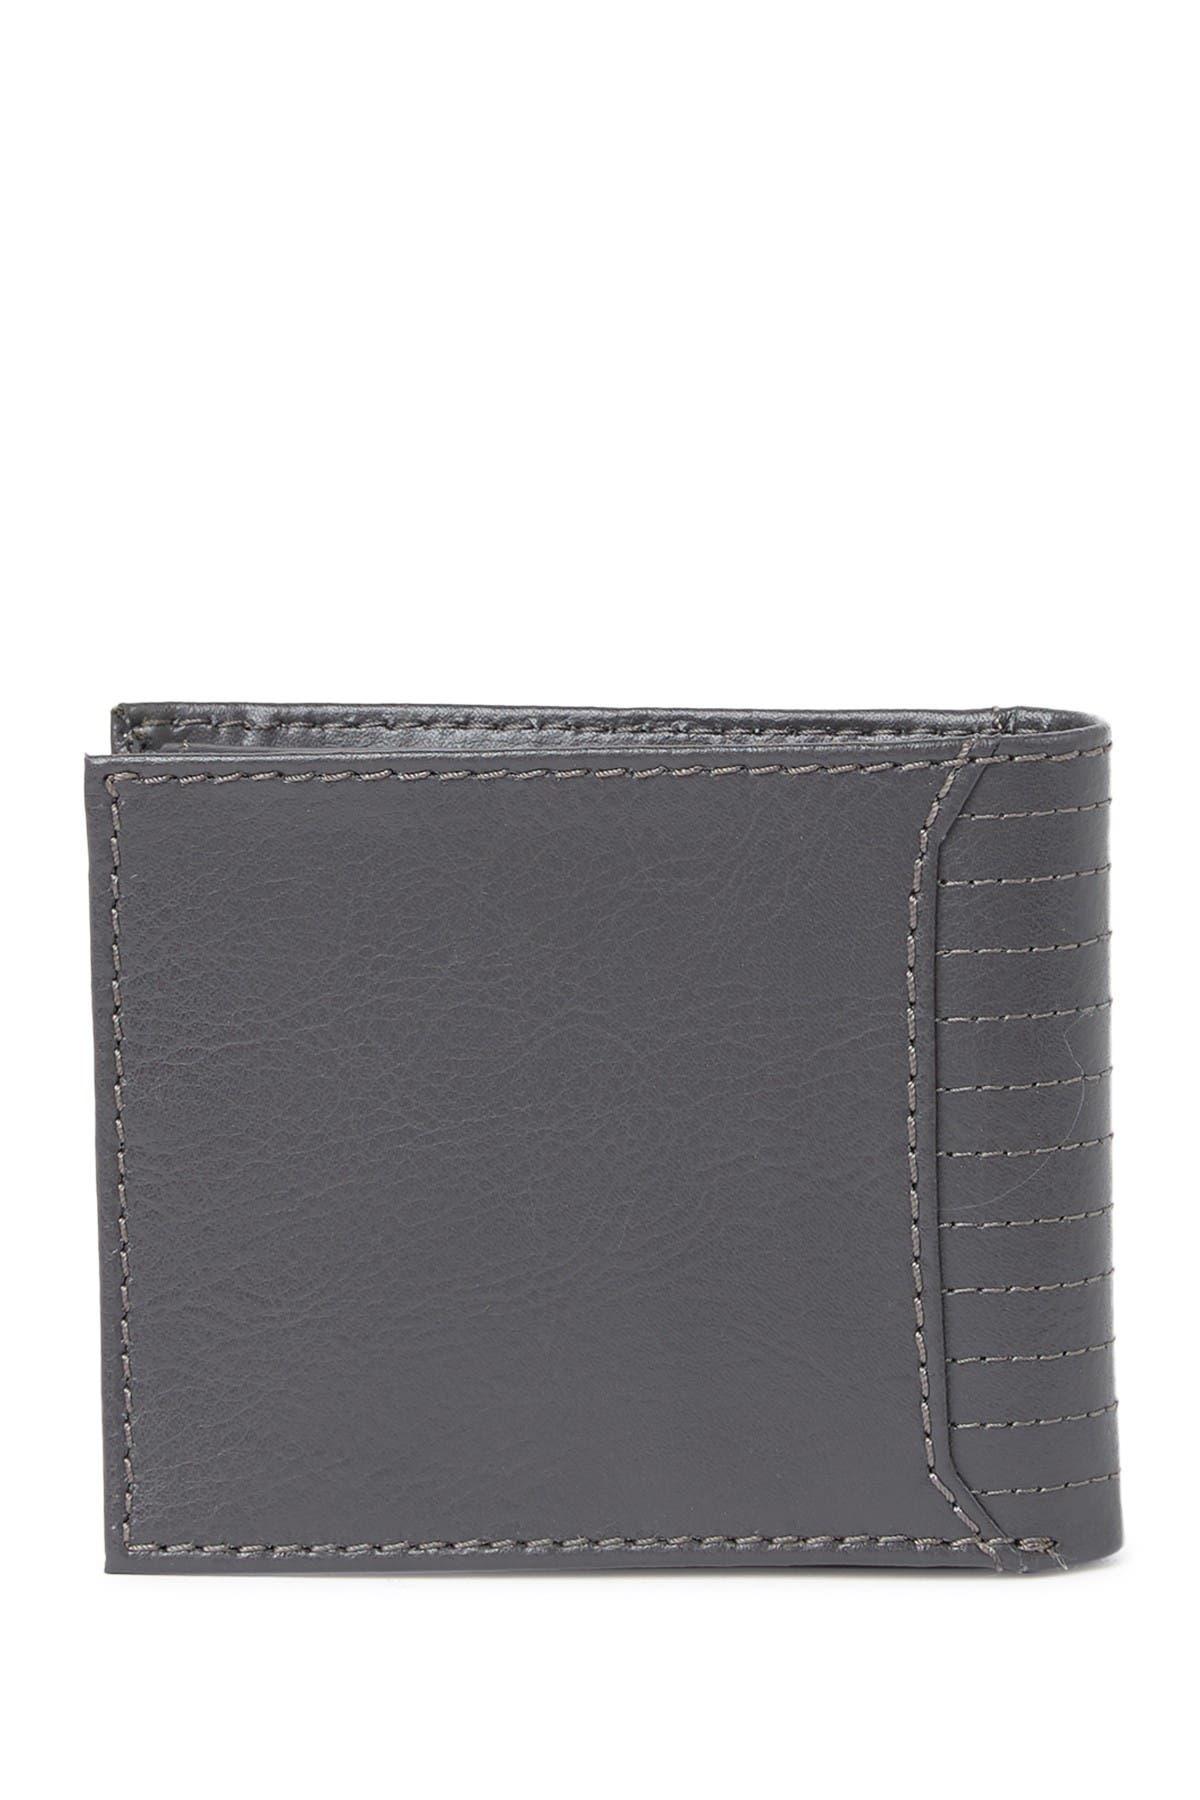 Image of KENNETH COLE Dean Bi-Fold Wallet